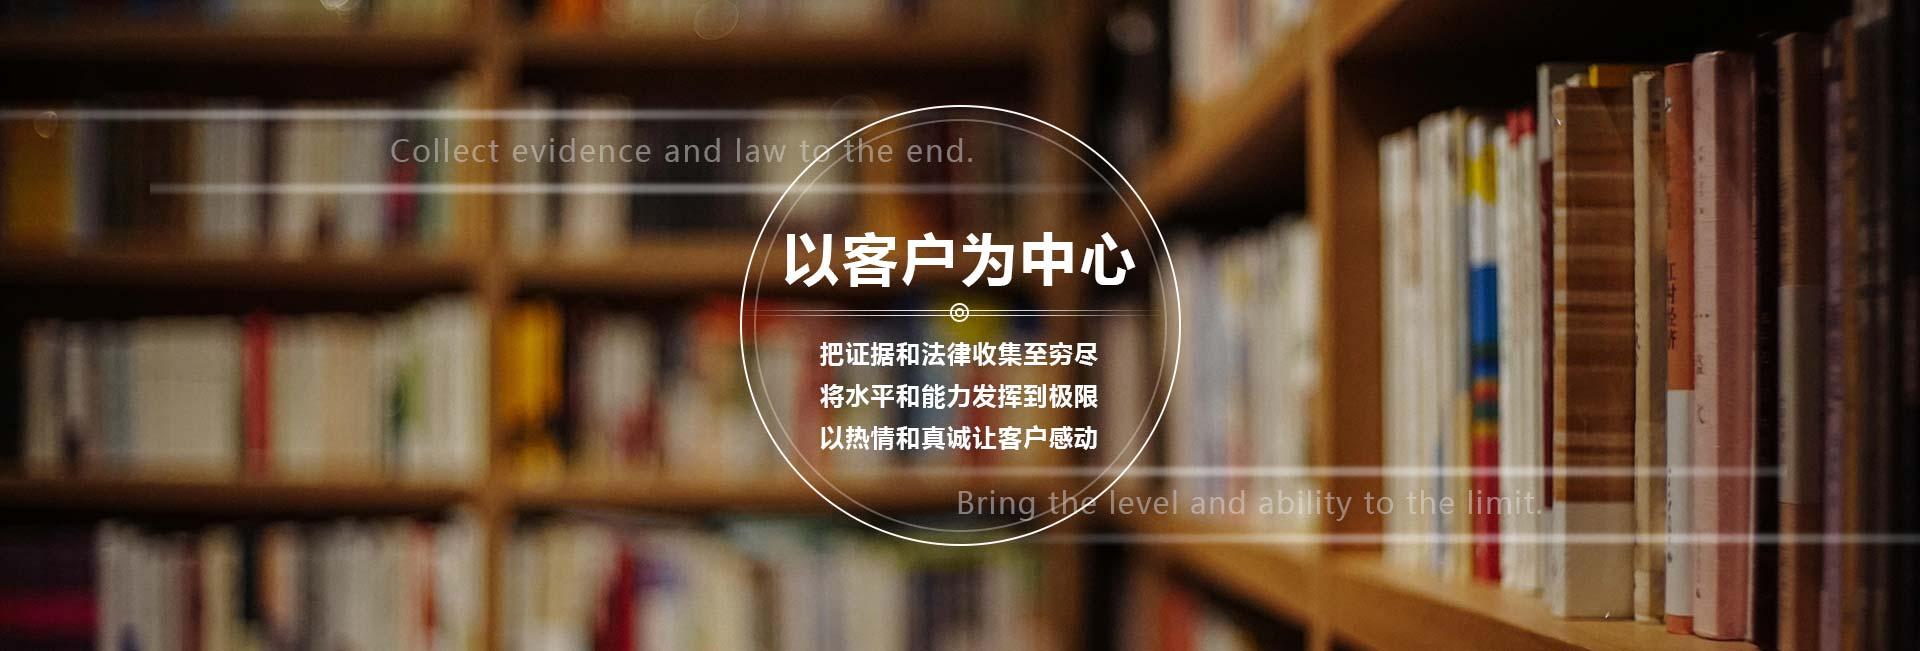 河北法律咨询服务